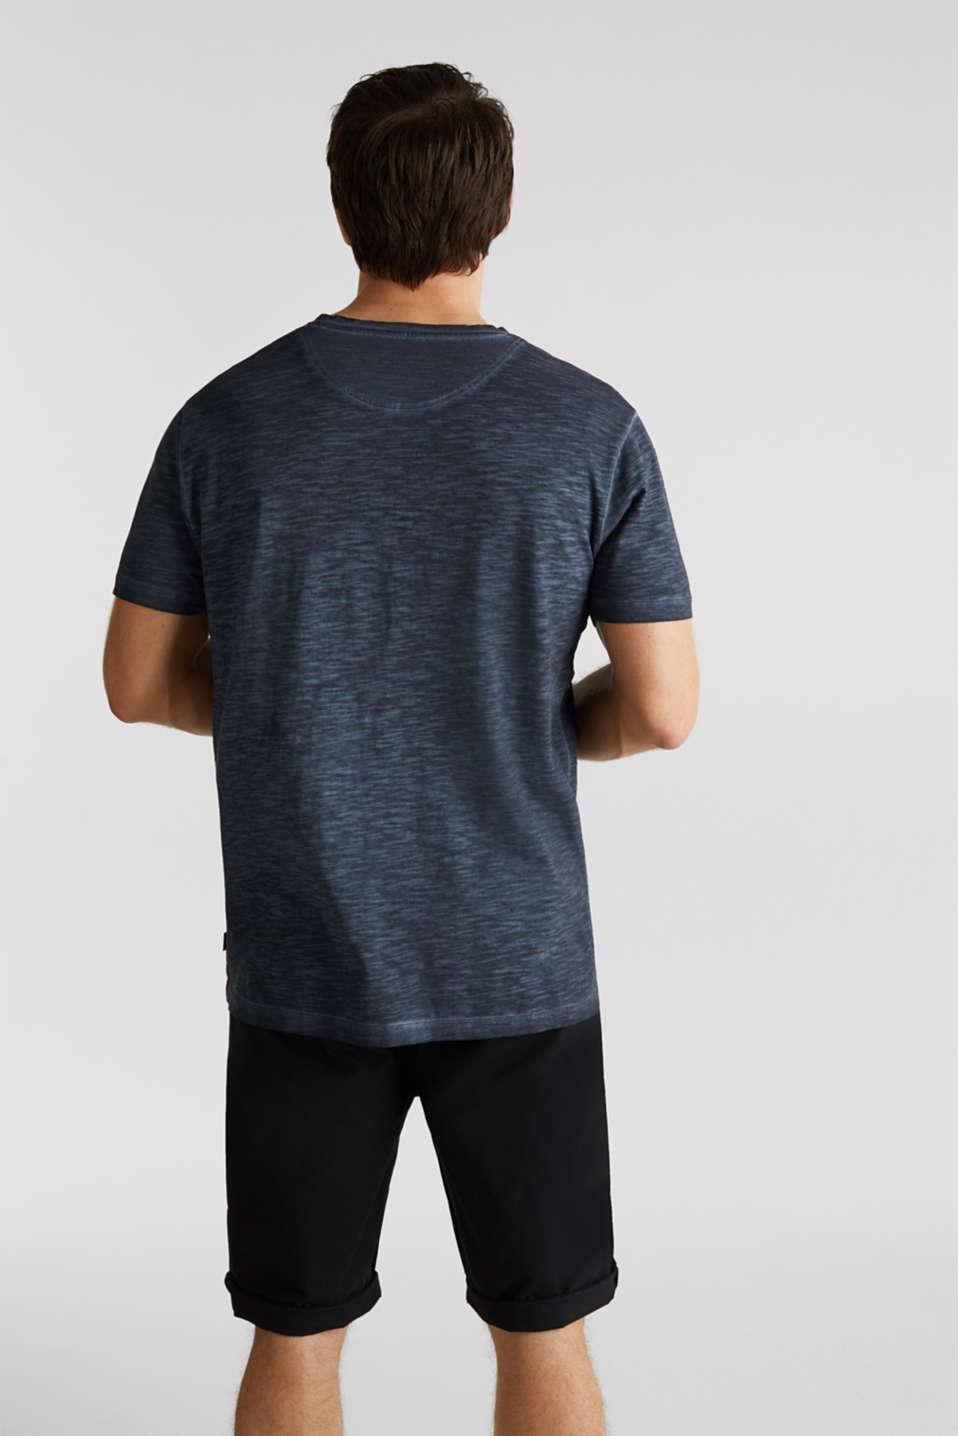 Slub jersey T-shirt made of organic cotton, NAVY 2, detail image number 2